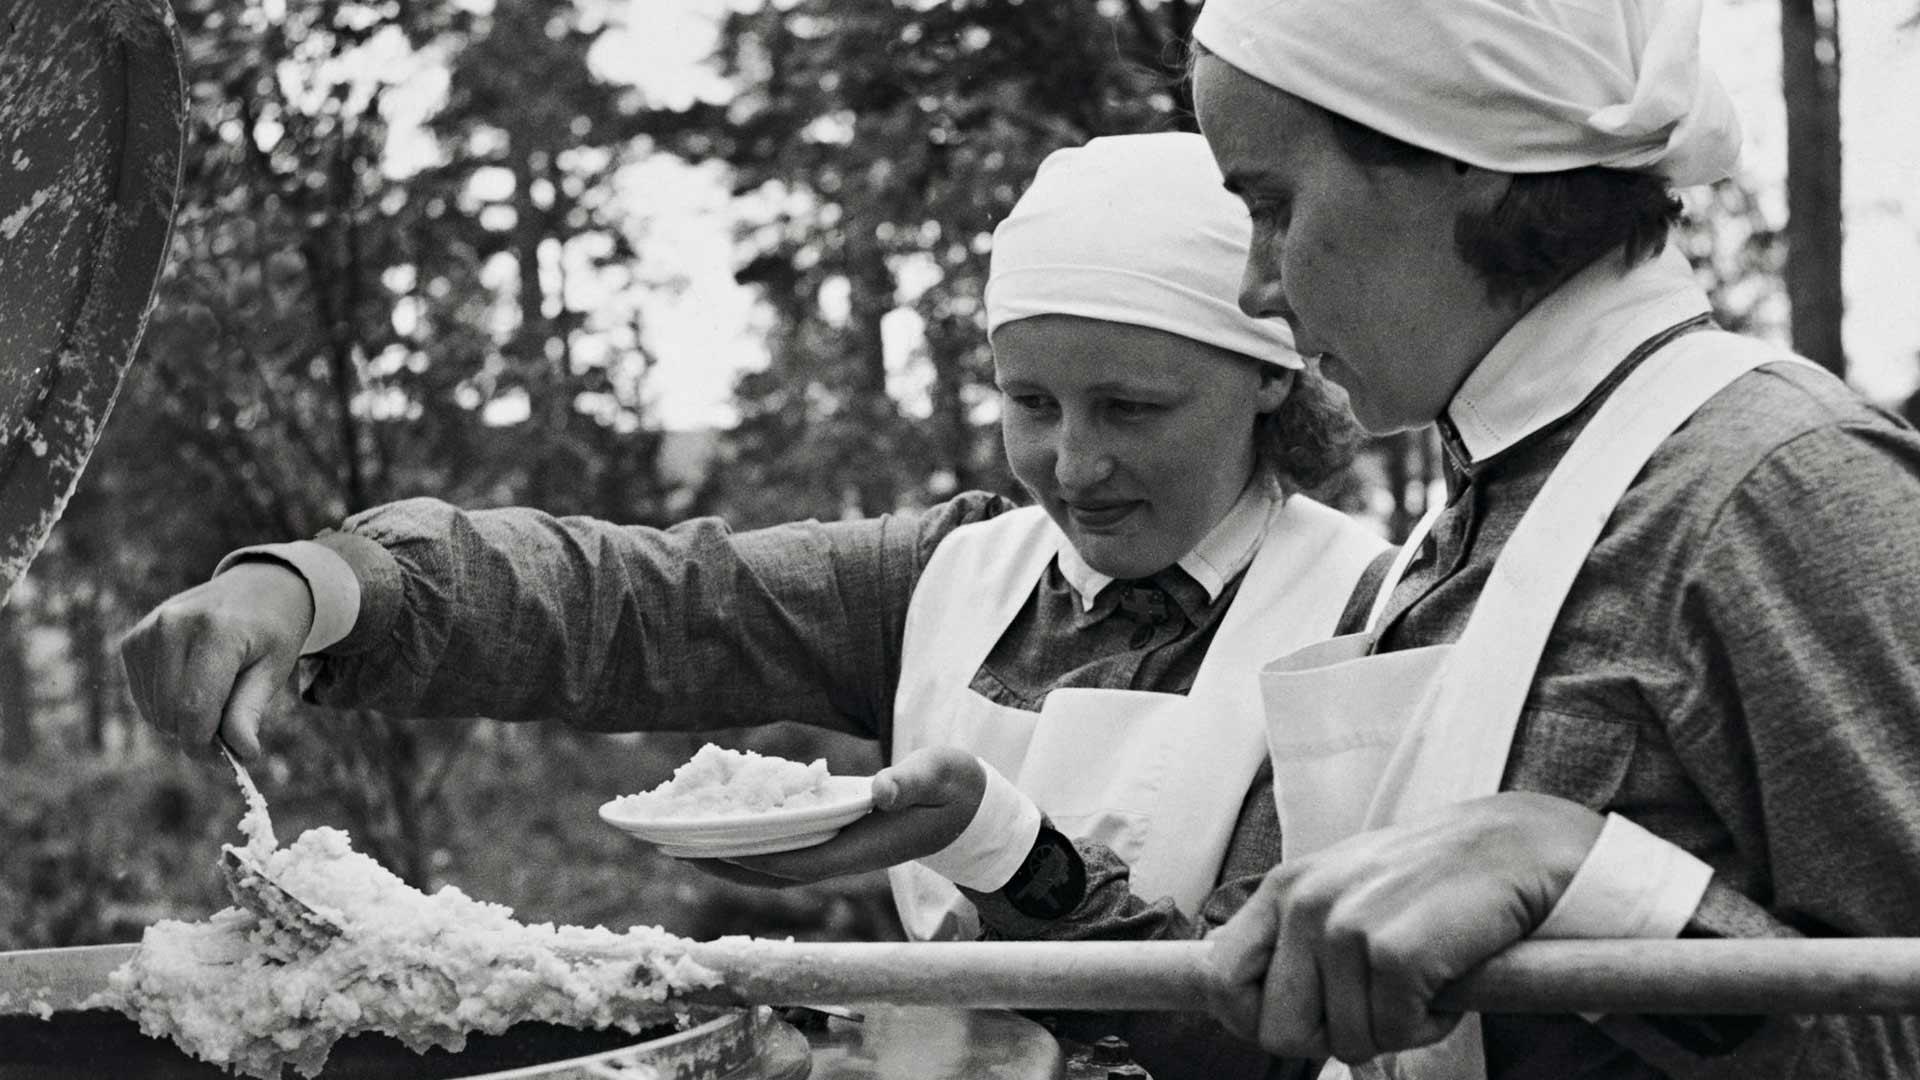 Viimeksi lotat jakoivat näin paljon ruokaa hädänalaisille sota-aikana. Säätiö antaa vuosittain 3,5 miljoonaa euroa muun muassa lottien kuntoutukseen ja naisten kriisiajan koulutukseen.